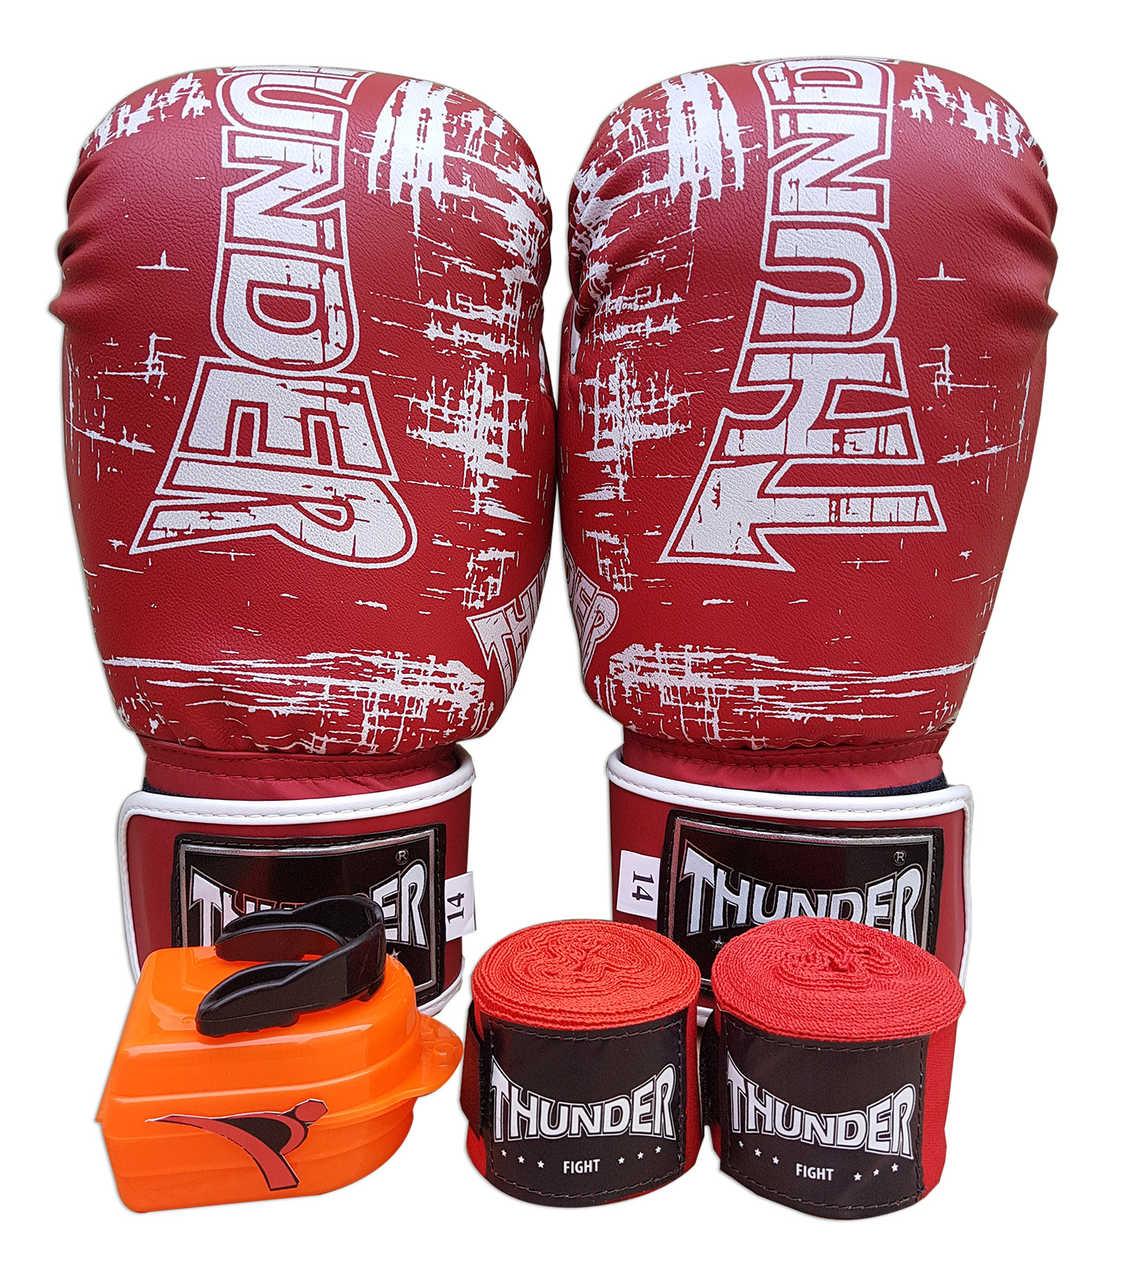 Kit de Boxe / Muay Thai 14oz - Vermelho Riscado - Thunder Fight   - PRALUTA SHOP